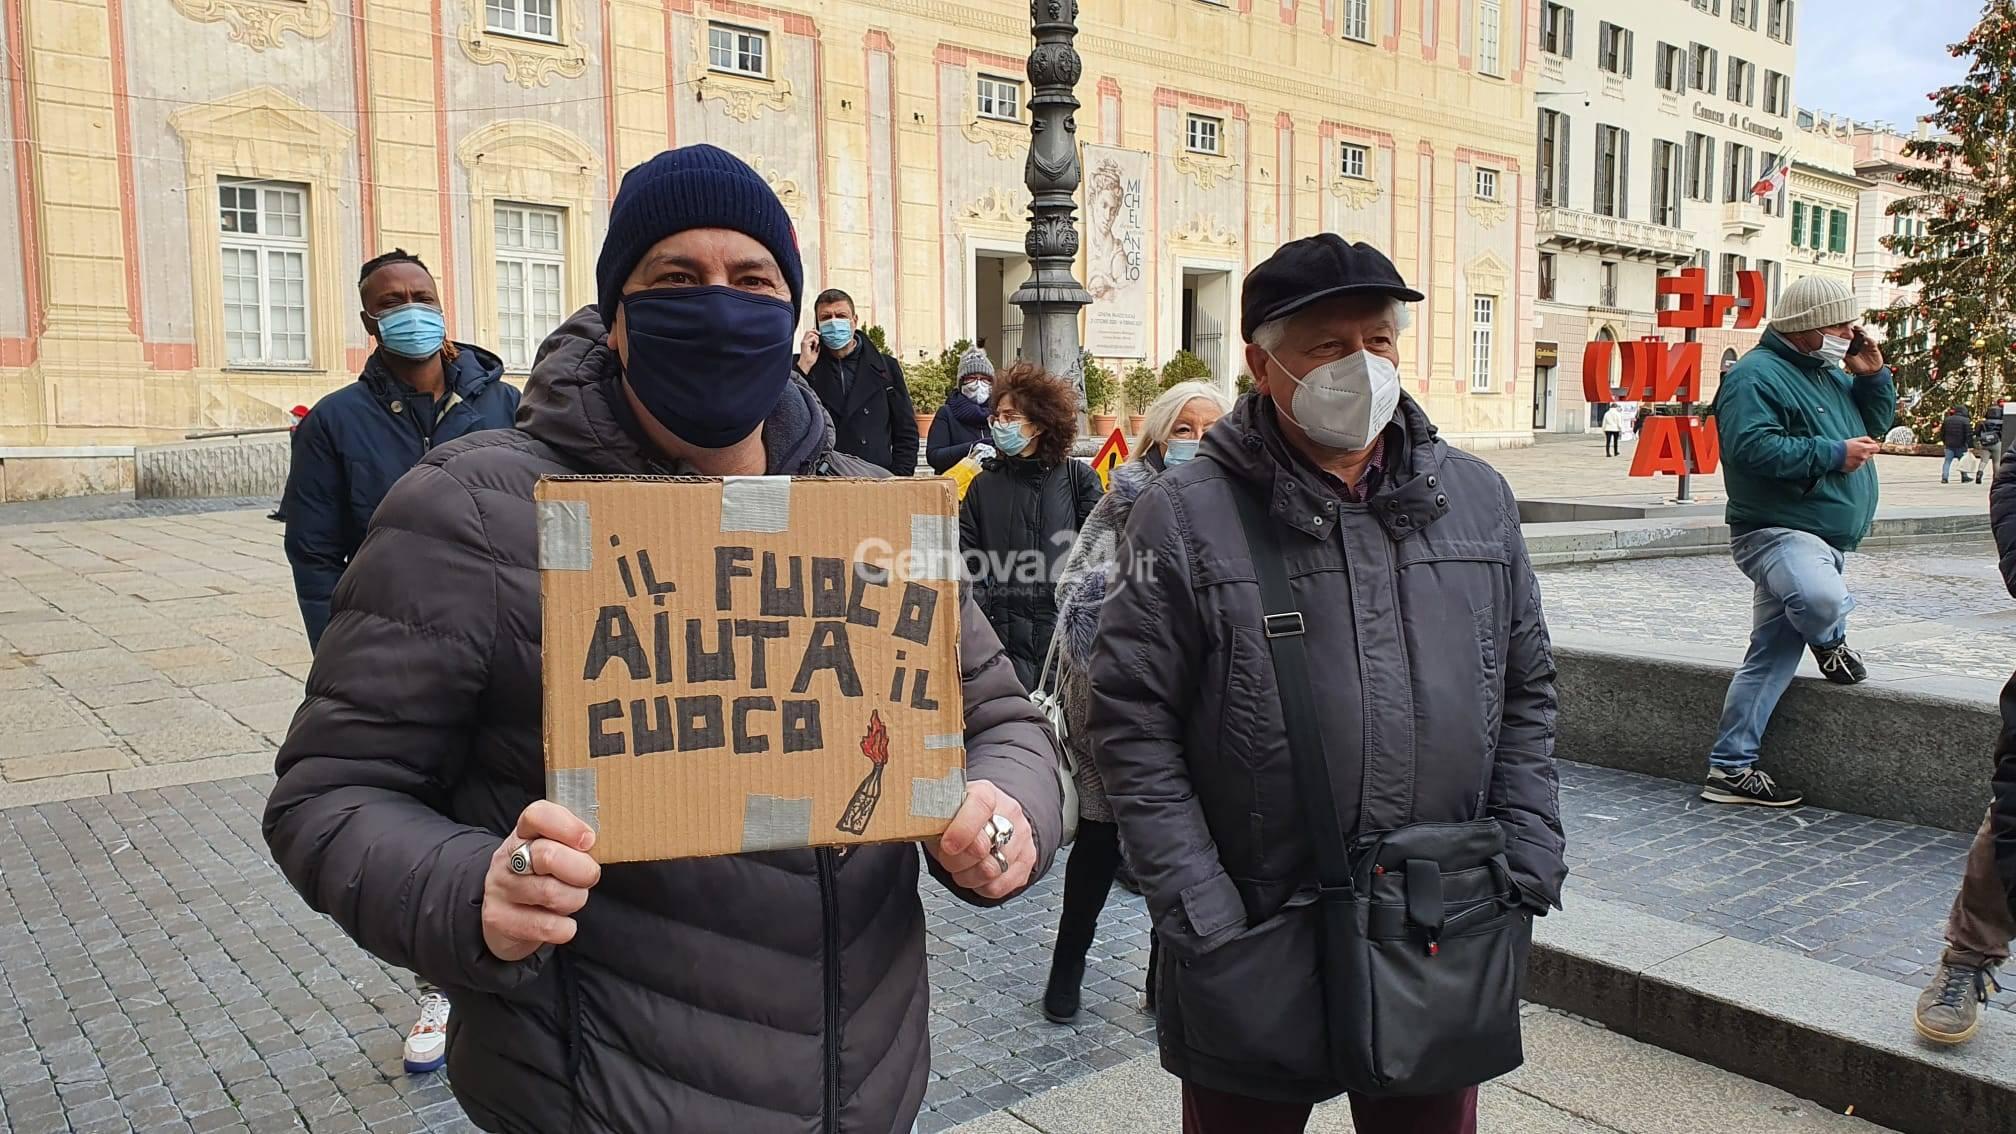 """Bar e ristoranti, protesta a Genova: """"Restiamo chiusi, siamo stufi di comprare roba e buttarla via"""""""